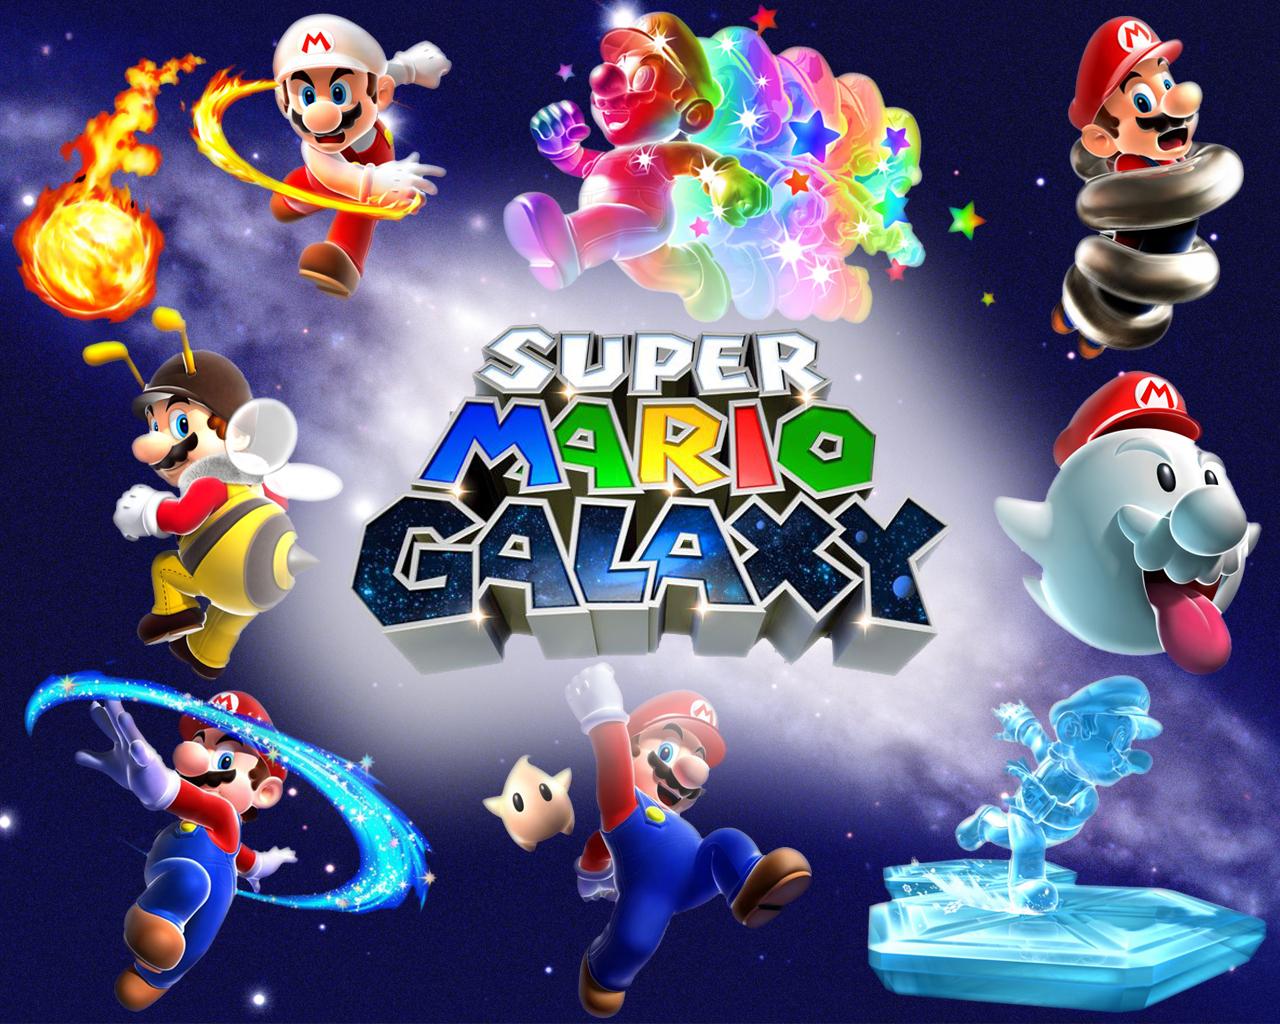 Análisis Super Mario Galaxy Cv De Wii U Nintenderos